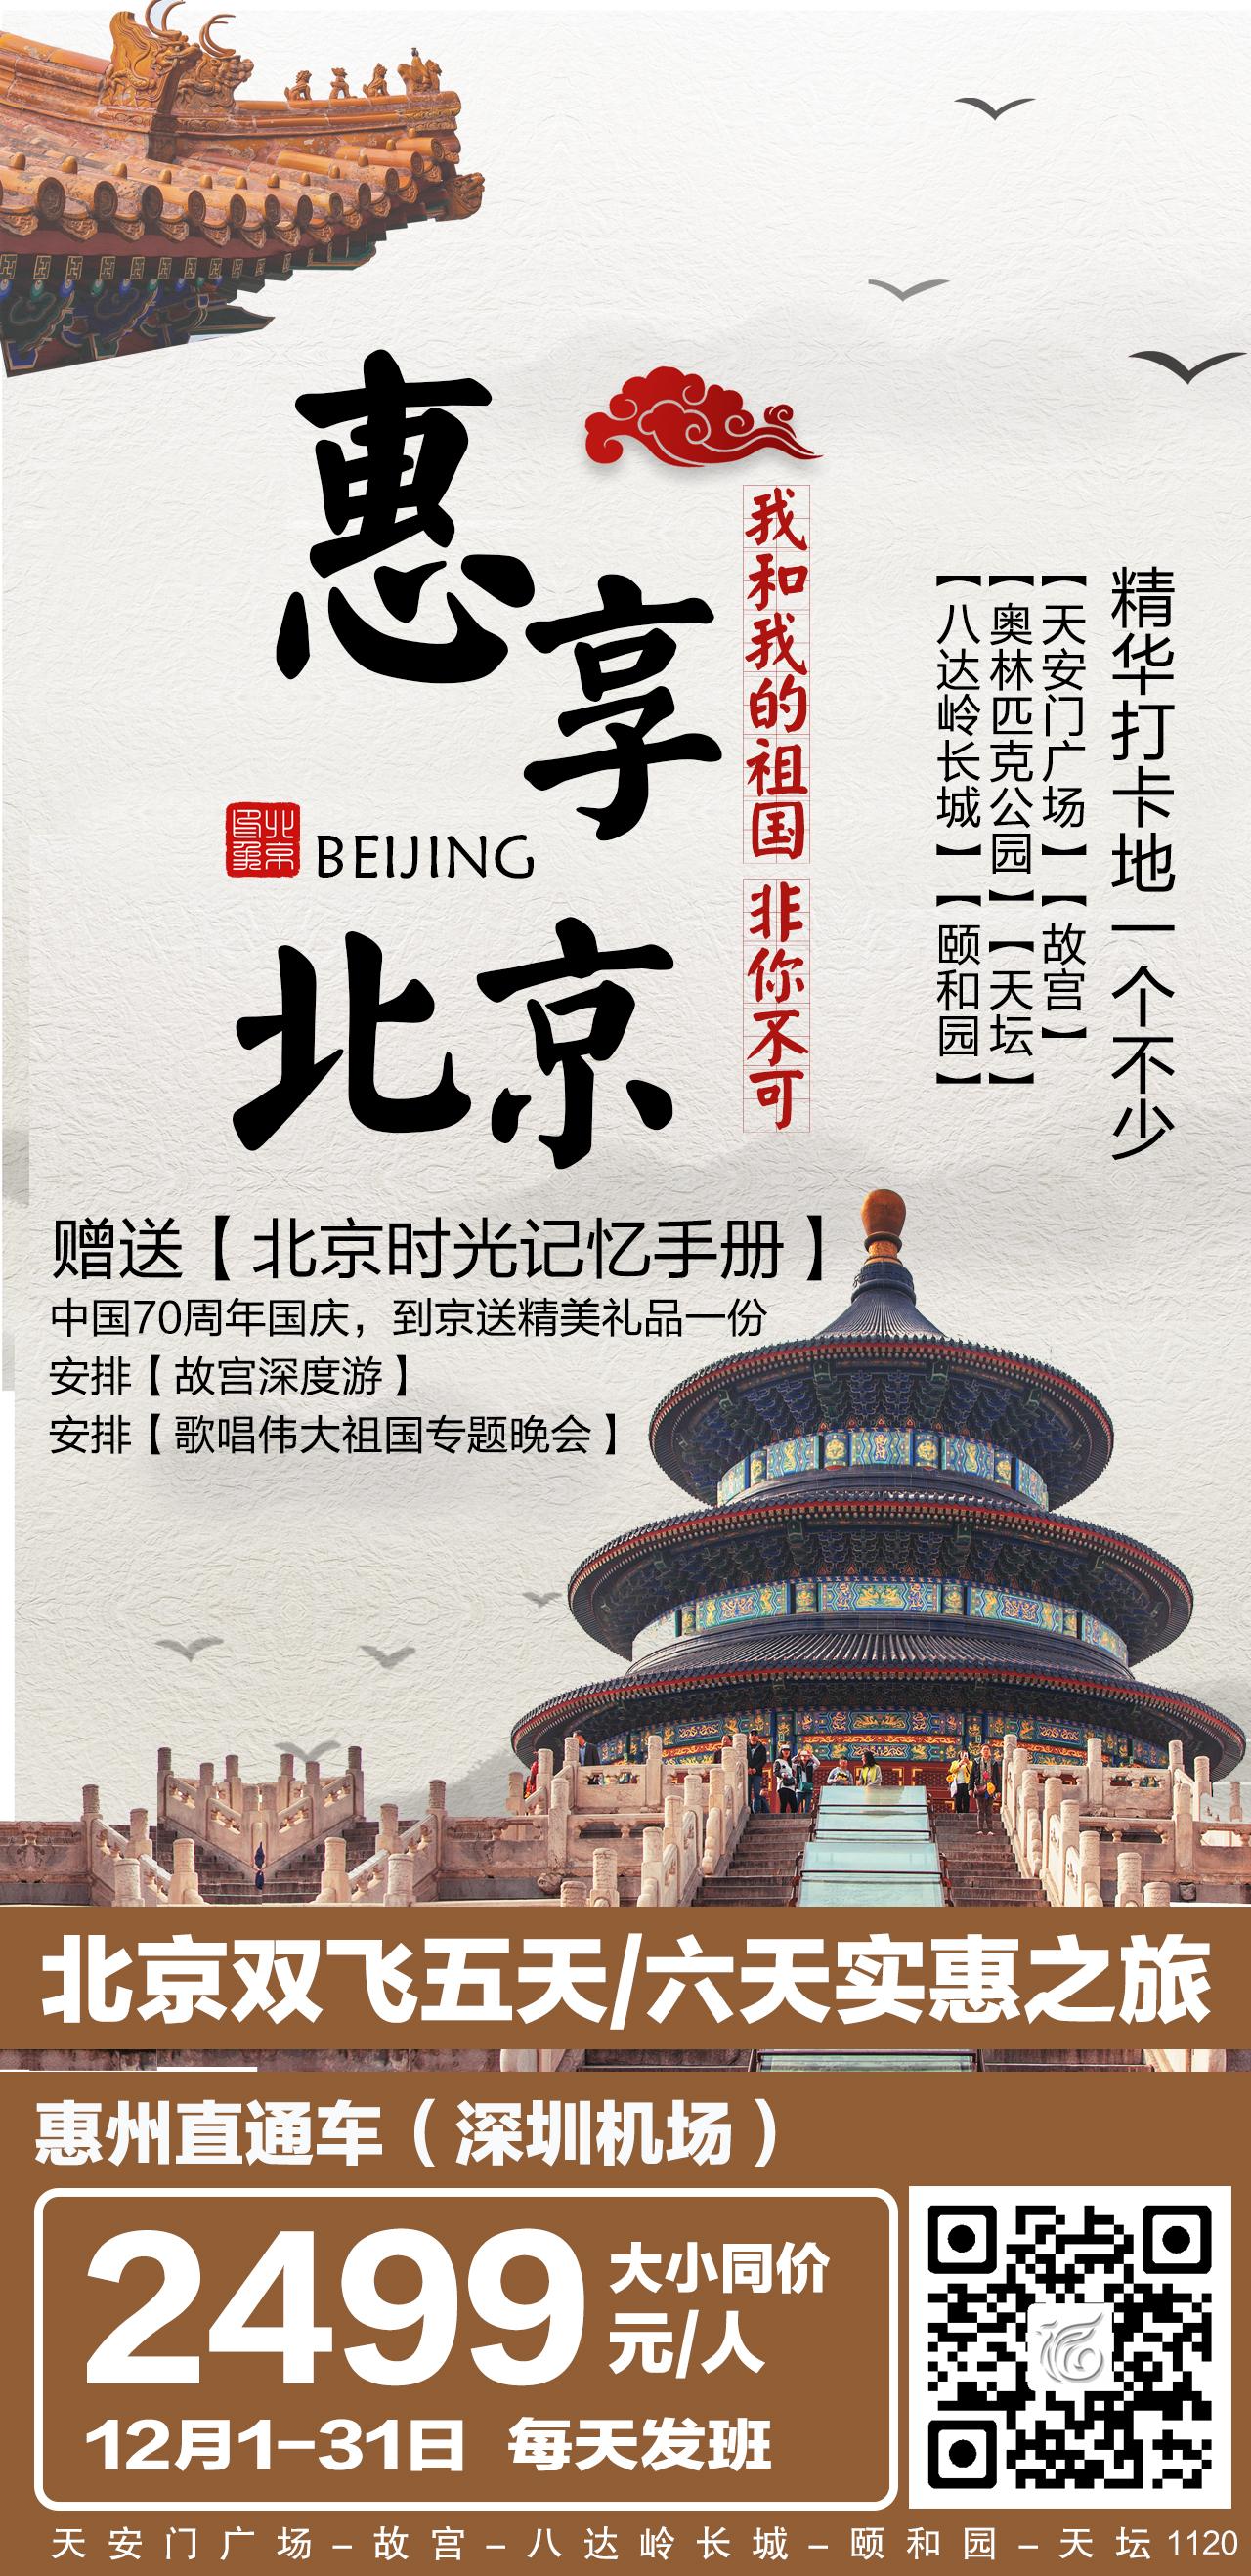 12月【樂享】北京天津雙飛六天實惠之旅-0自費景點,贈送天津一日游